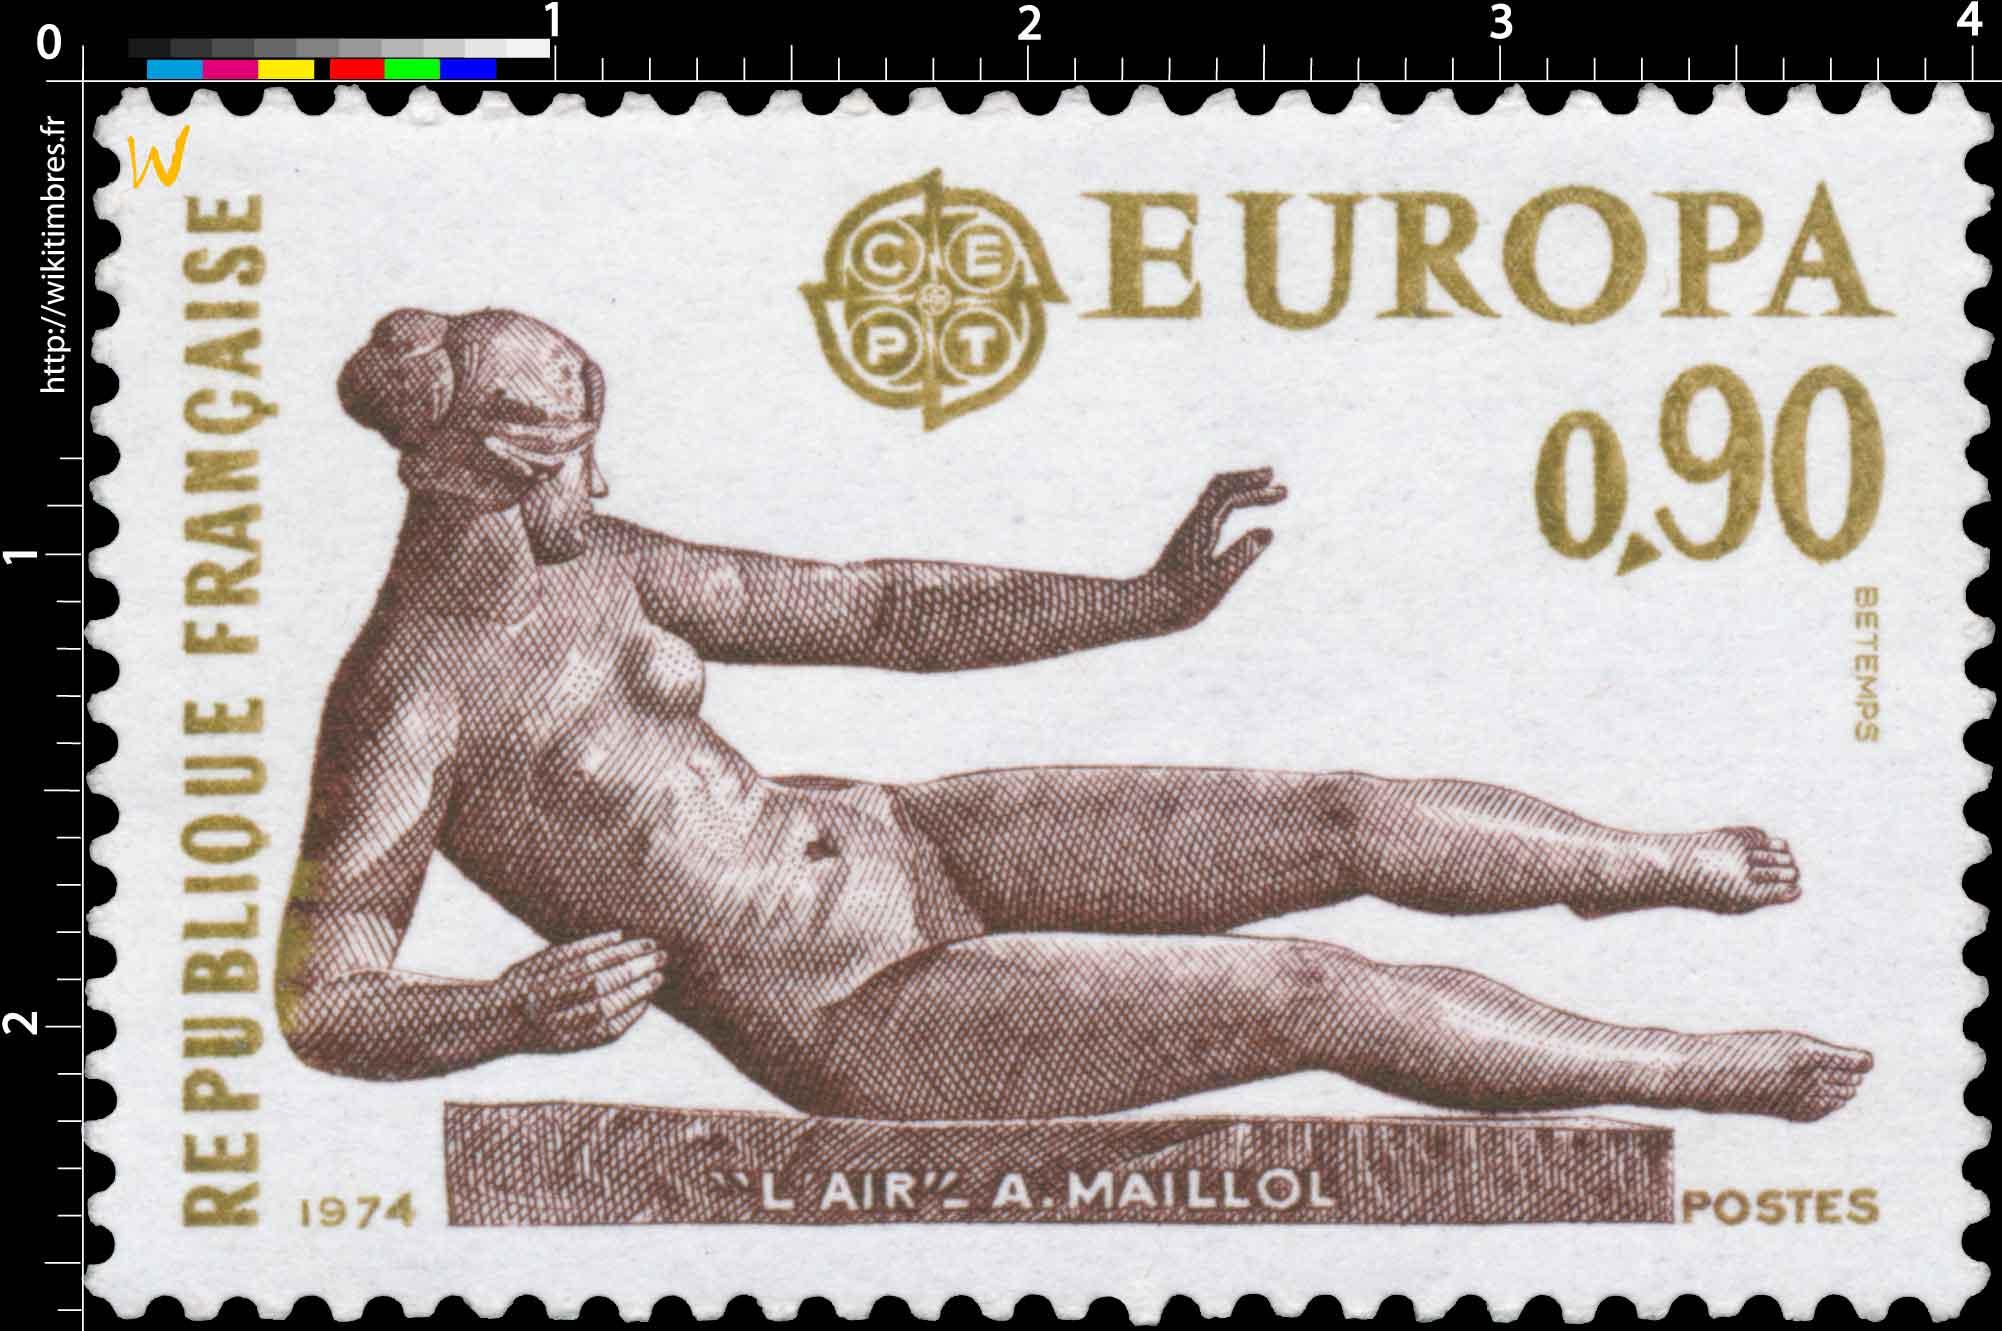 1974 EUROPA L'AIR- A. MAILLOL